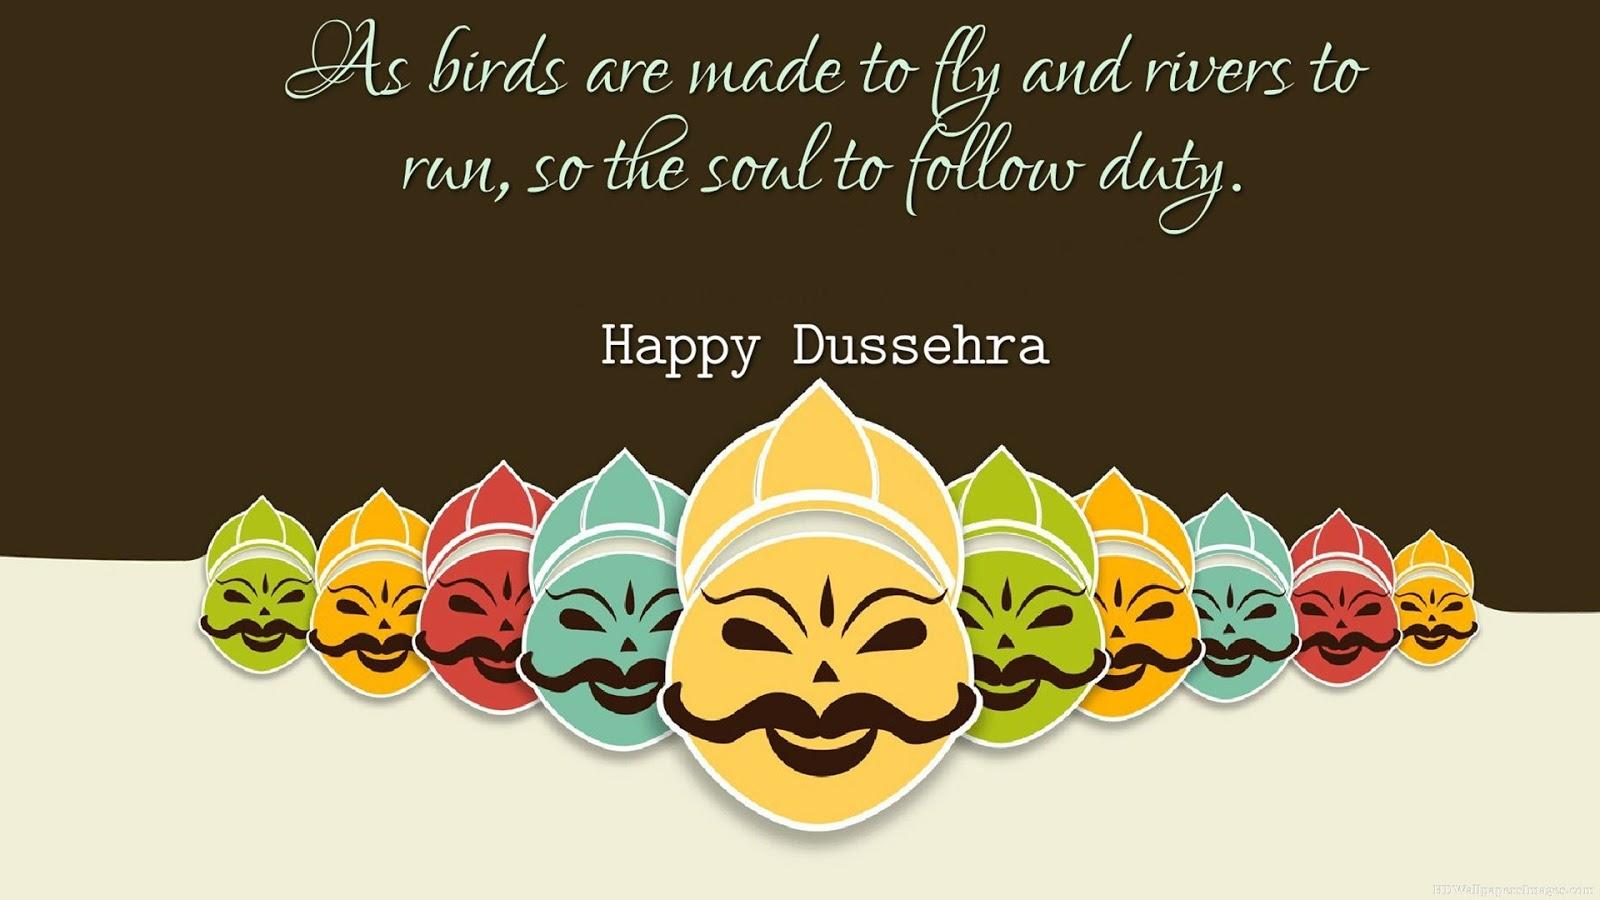 Happy dussehra quotes 2018 happy vijayadashami quotes happy happy dussehra quotes 2018 kristyandbryce Choice Image